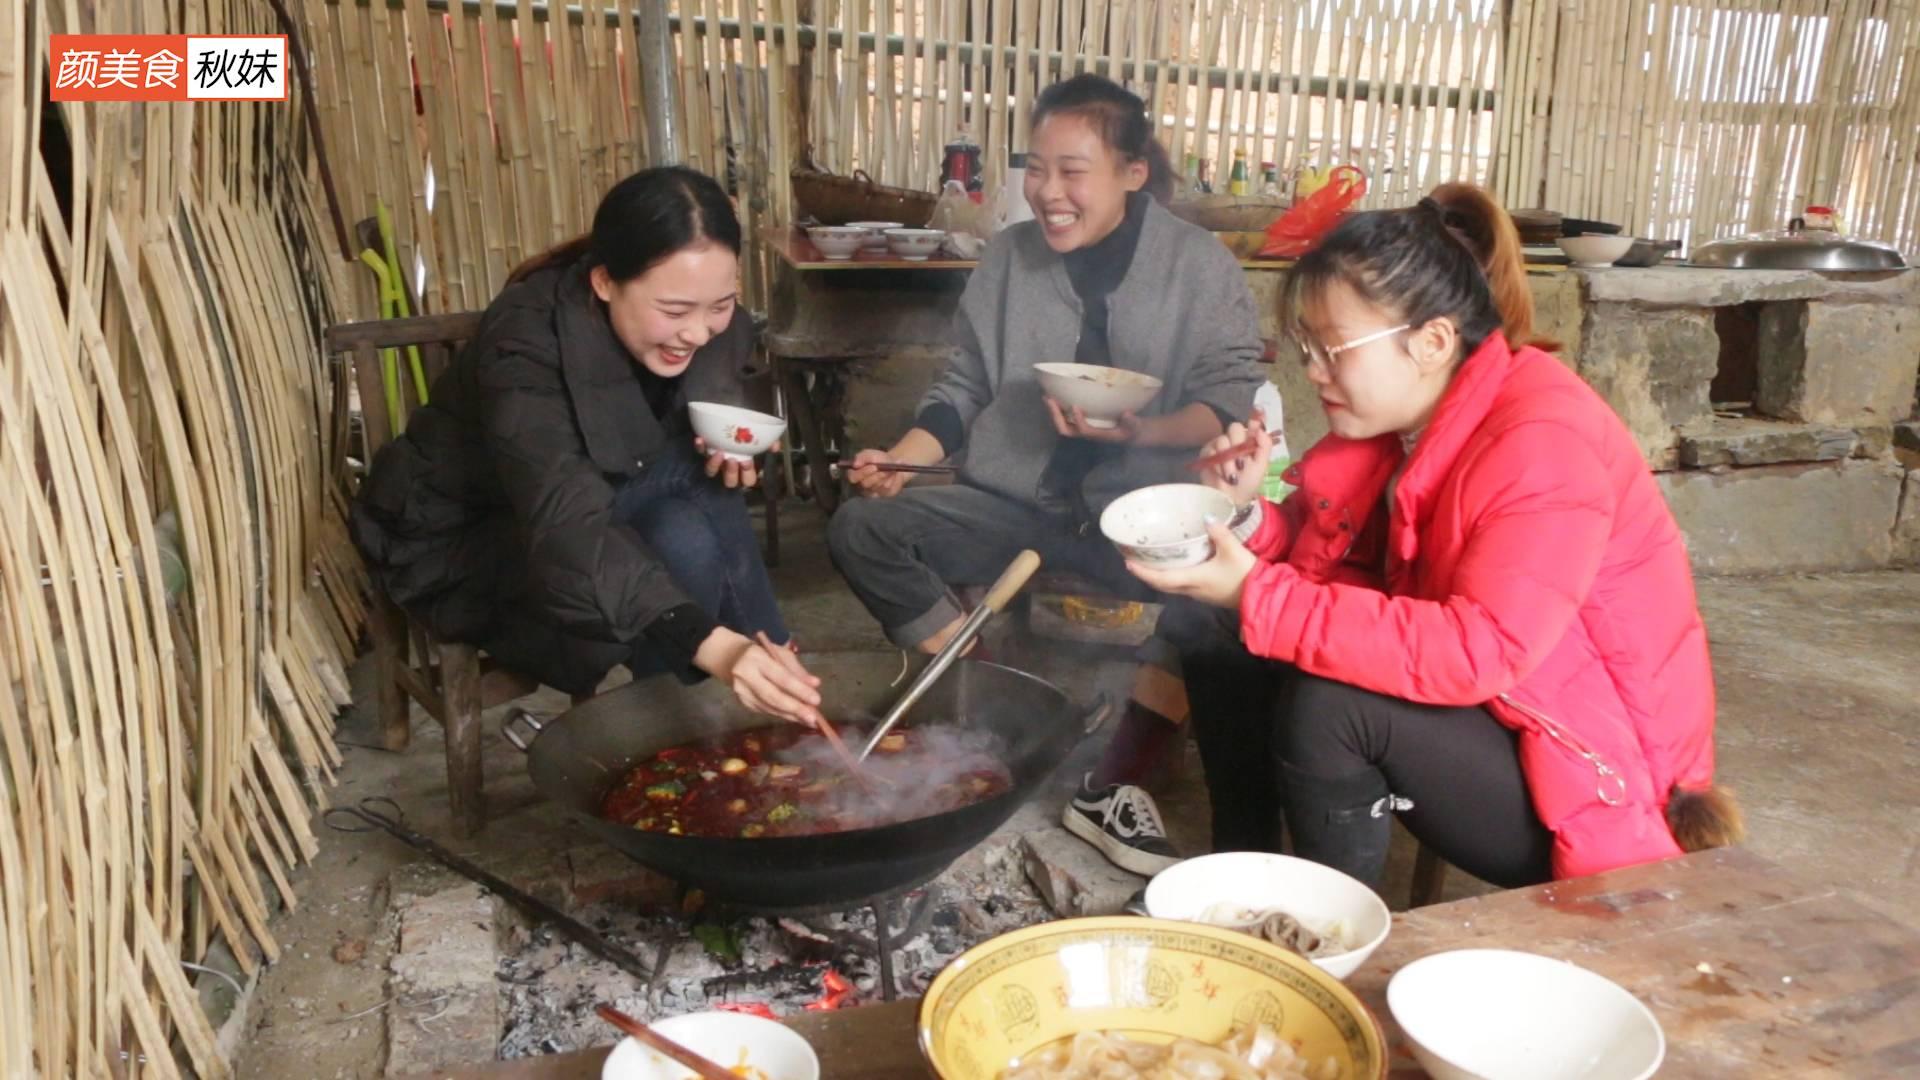 秋妹今天和姐姐在老家煮火锅,满满一大锅全部吃完,看着流口水